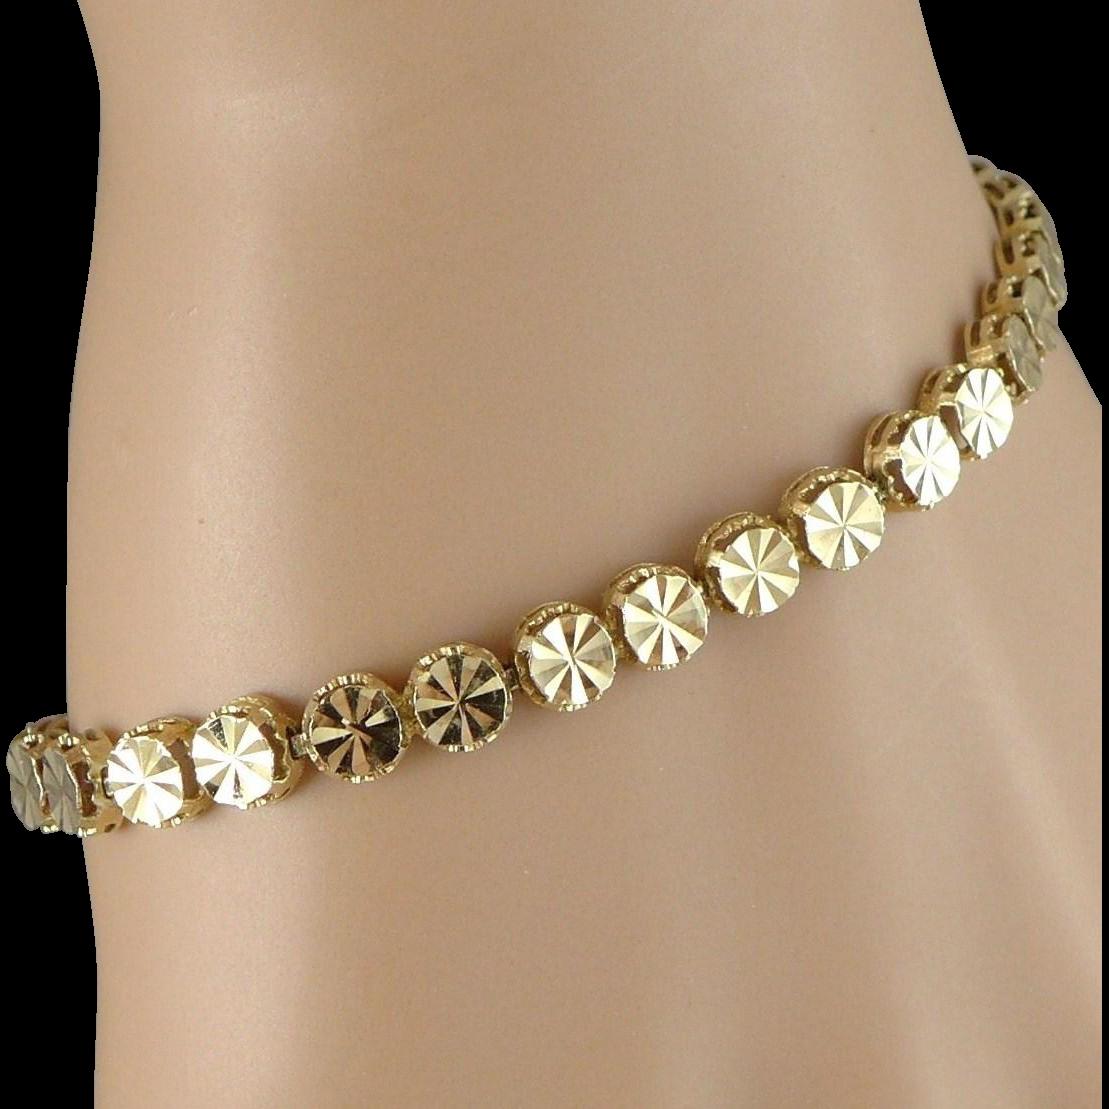 Vintage Beverly Hills 14k Gold Bracelet